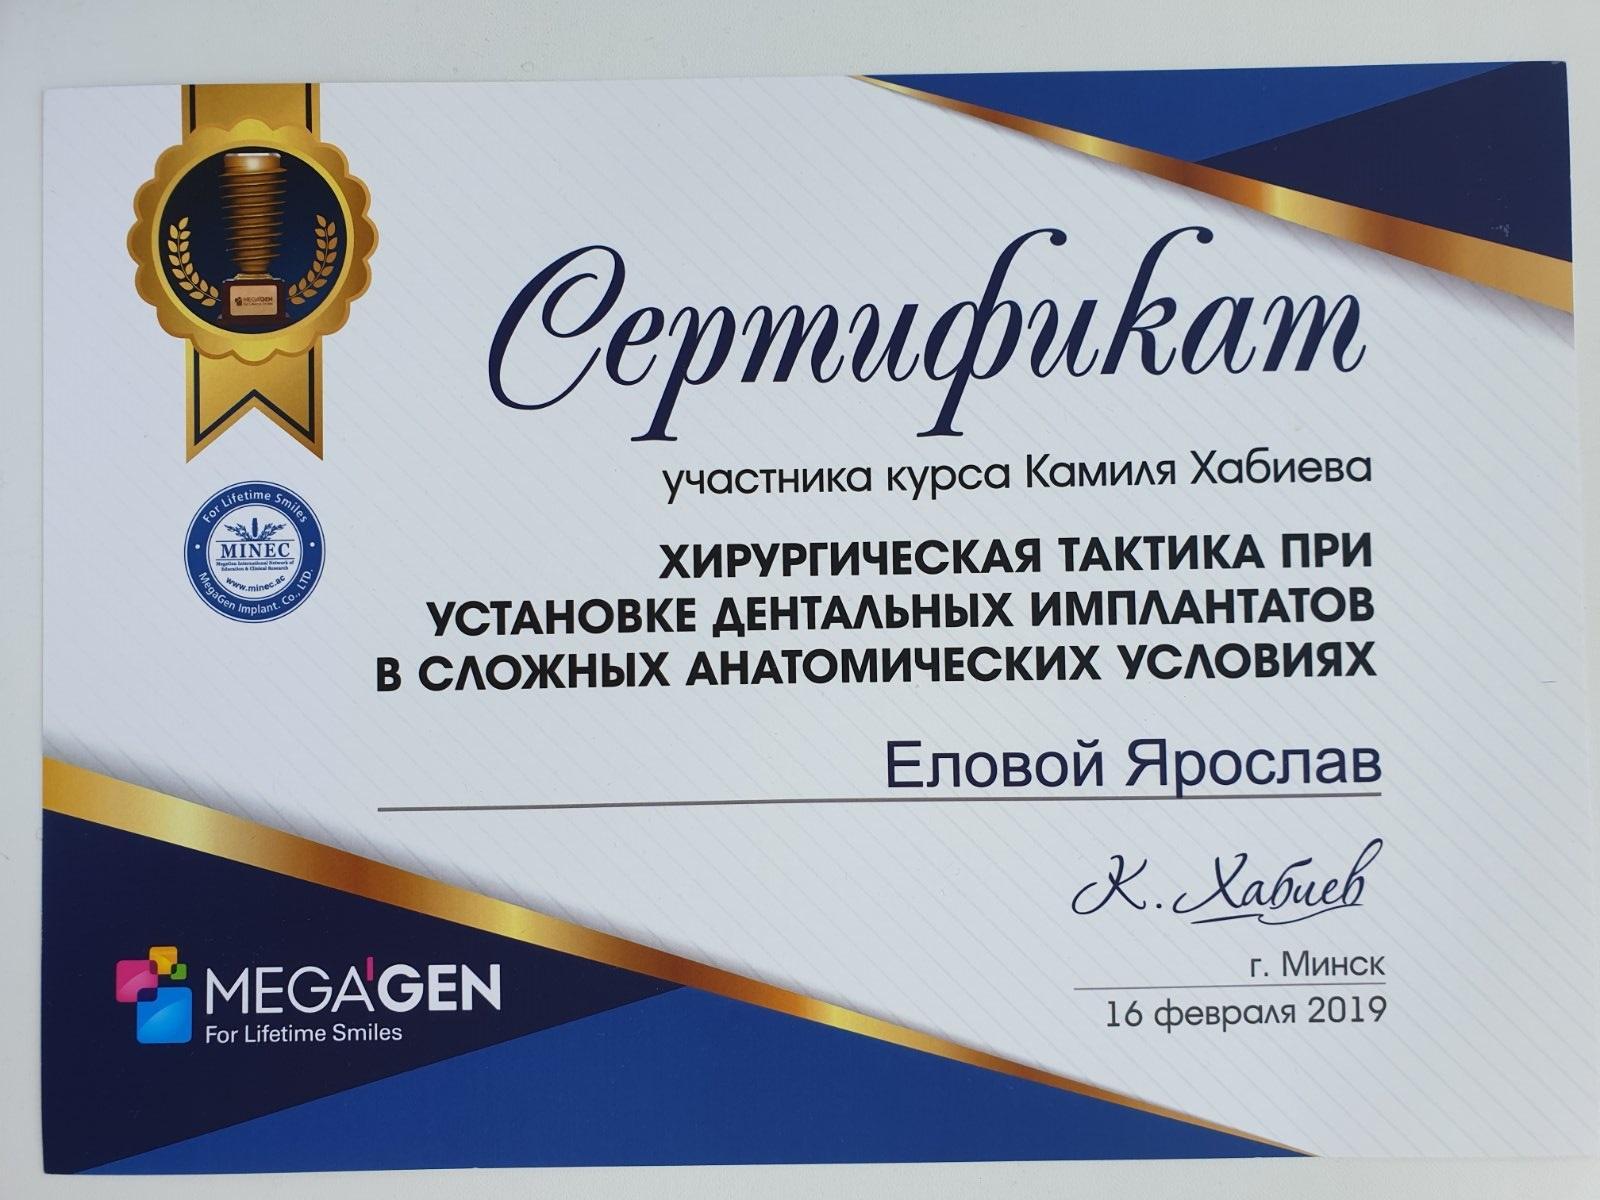 Сертификат выданный Еловому Ярославу о прохождении курса Хирургическая тактика при установке дентальных имплантатов в сложных условиях